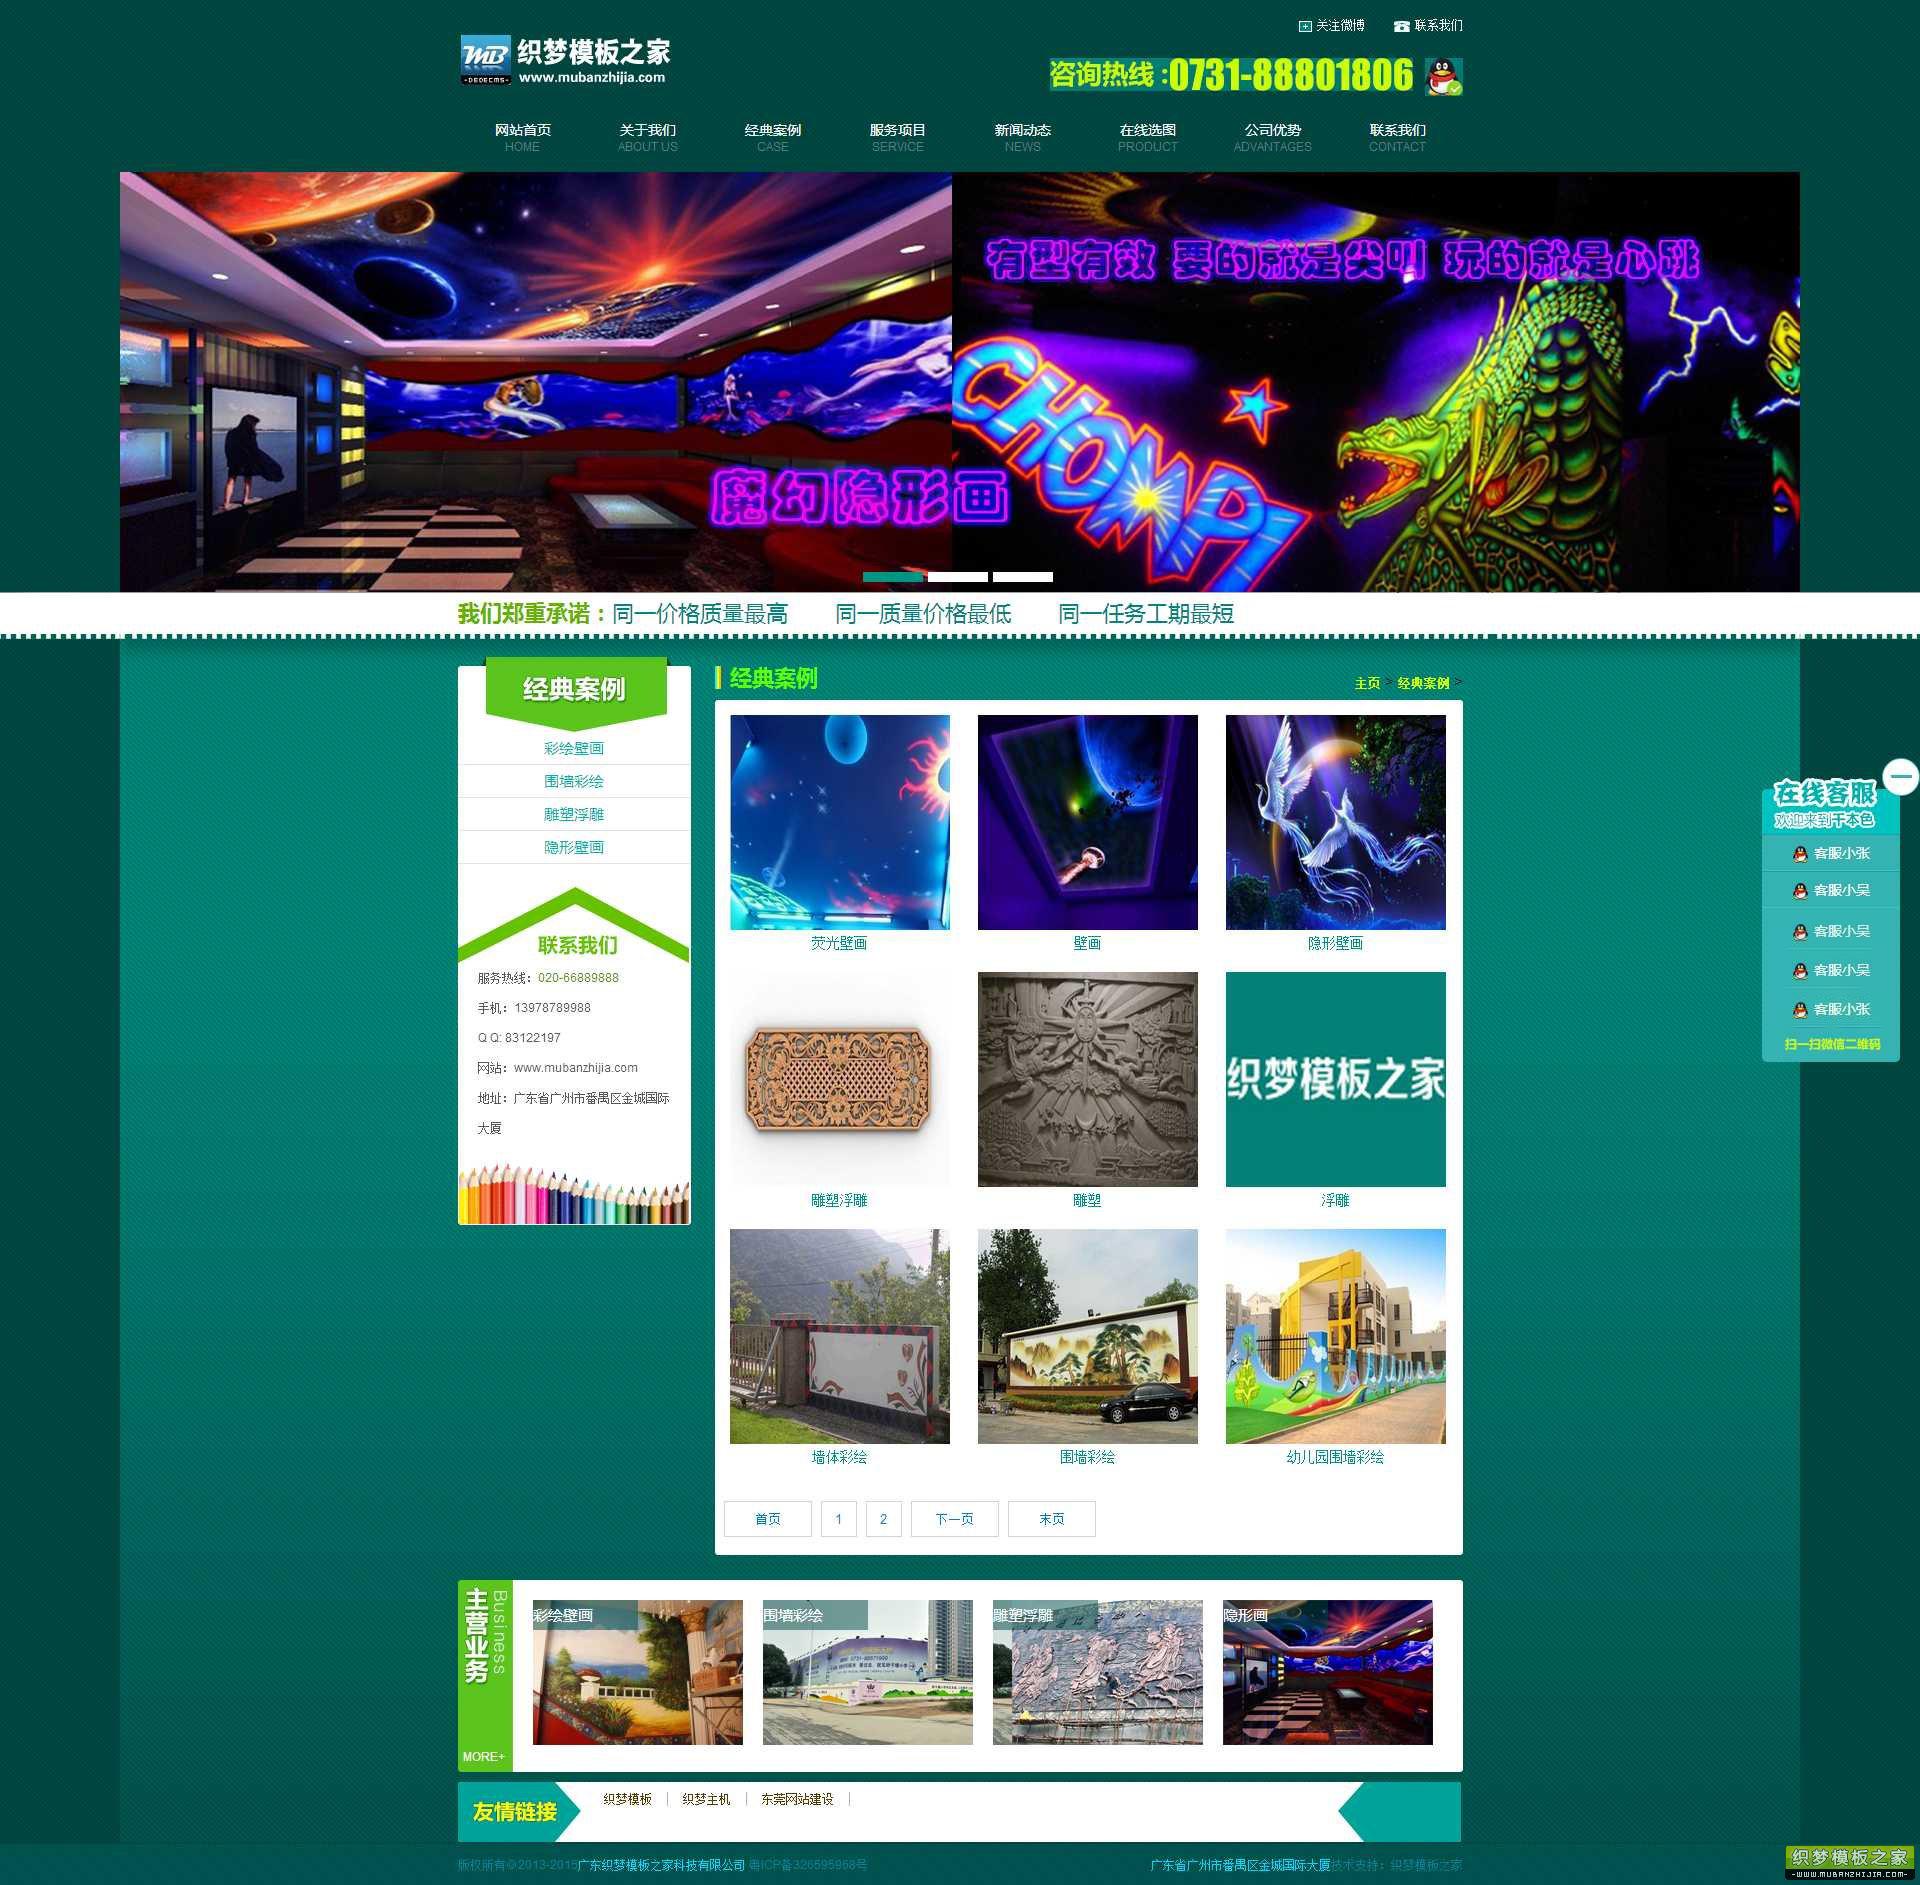 草根吧 墙绘装饰设计公司网站织梦模板免费下载 DEDECMS,免费资源,企业网站,设计制作,装饰设计 wordpress|织梦cms 32e1ef84cc1d43fbaac90183c8f2b032_th